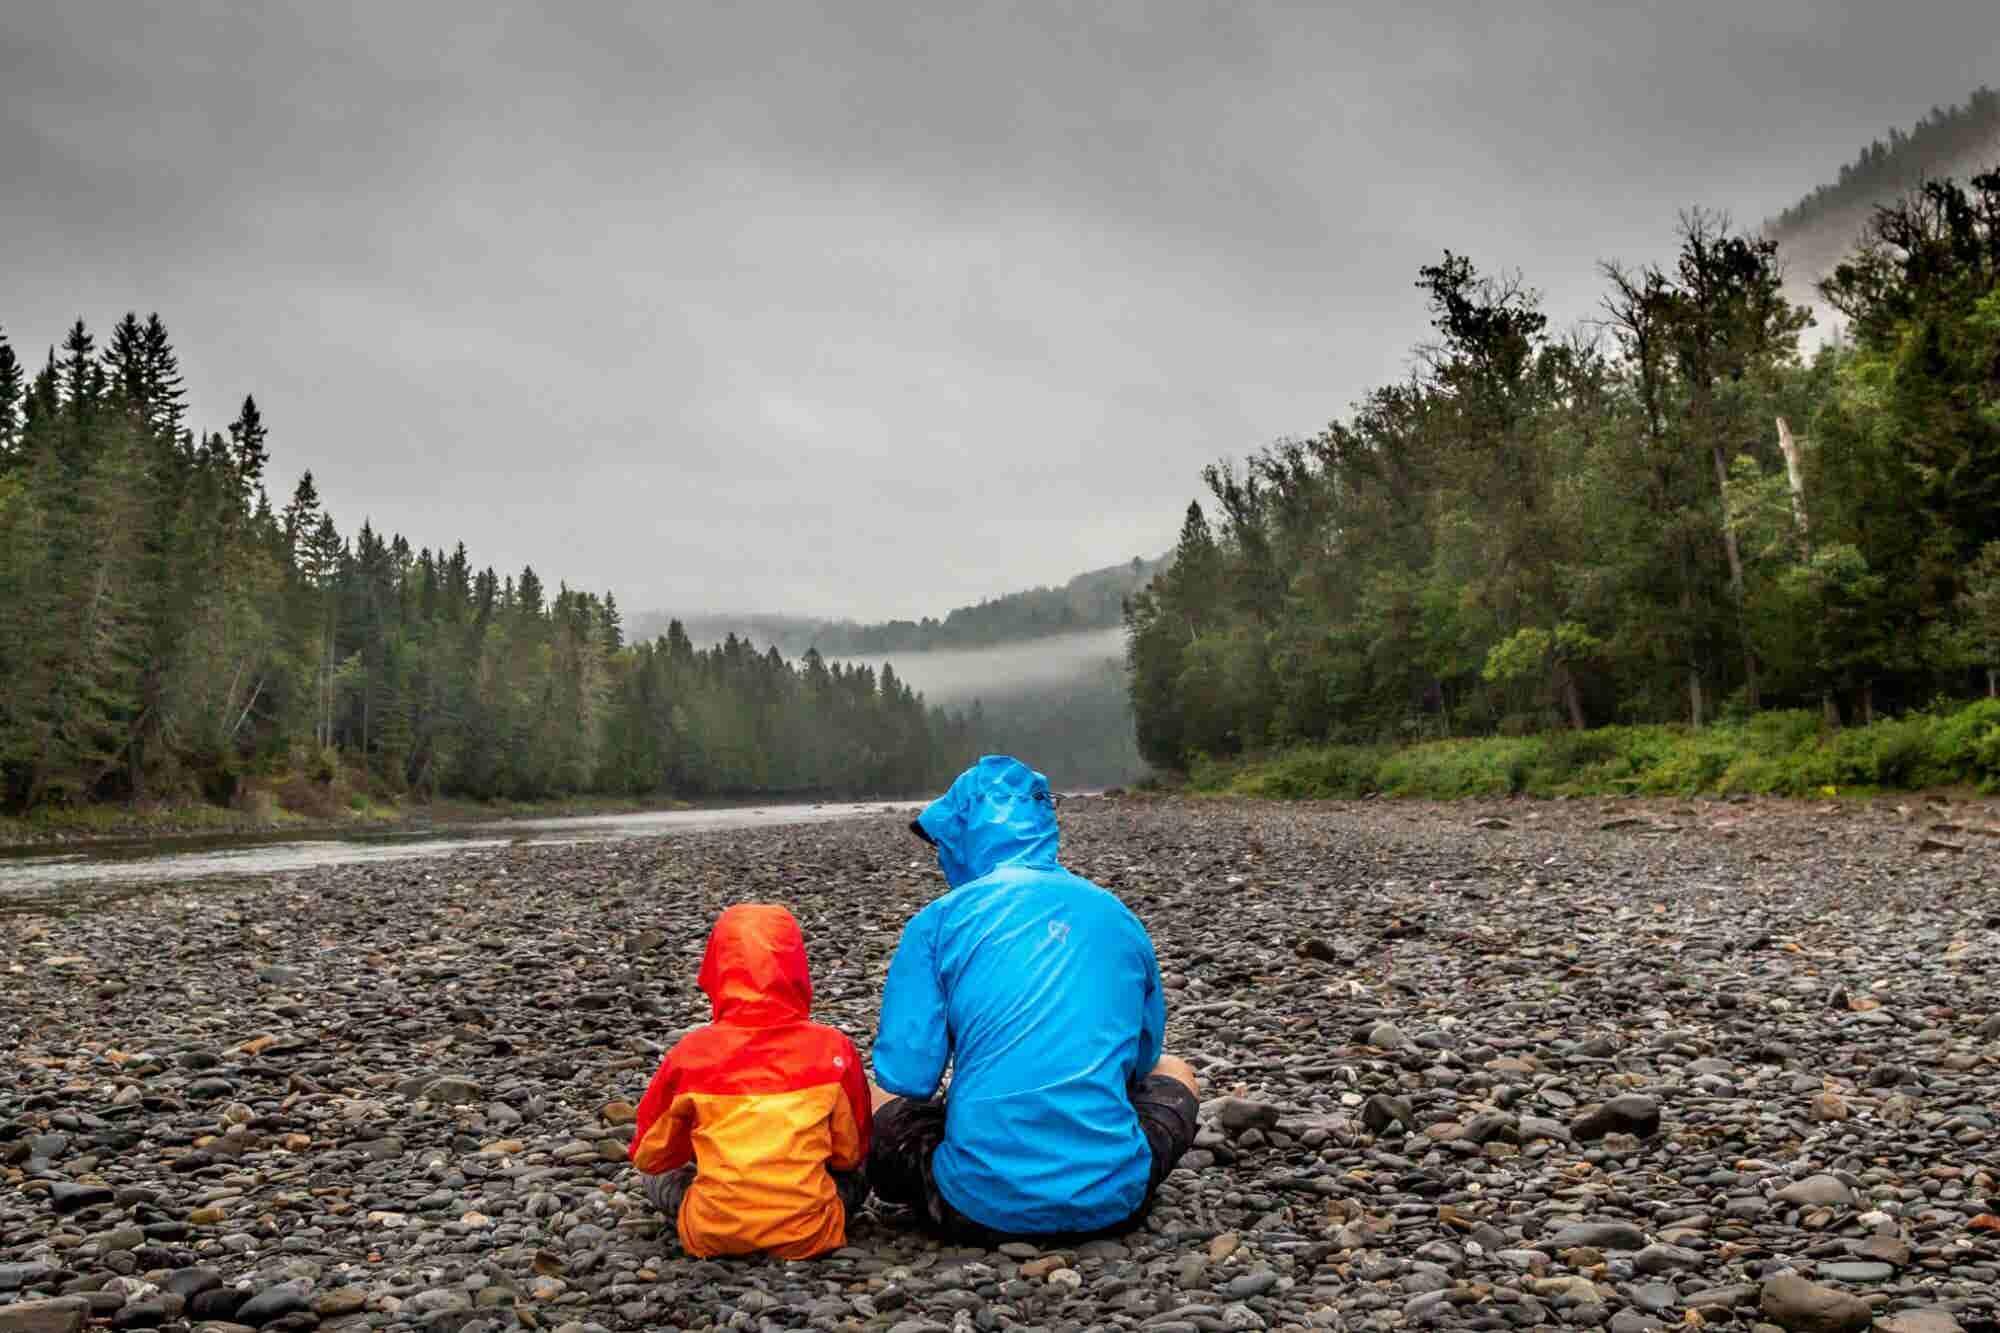 Las 7 cosas que hacen los padres que quieren tener hijos exitosos